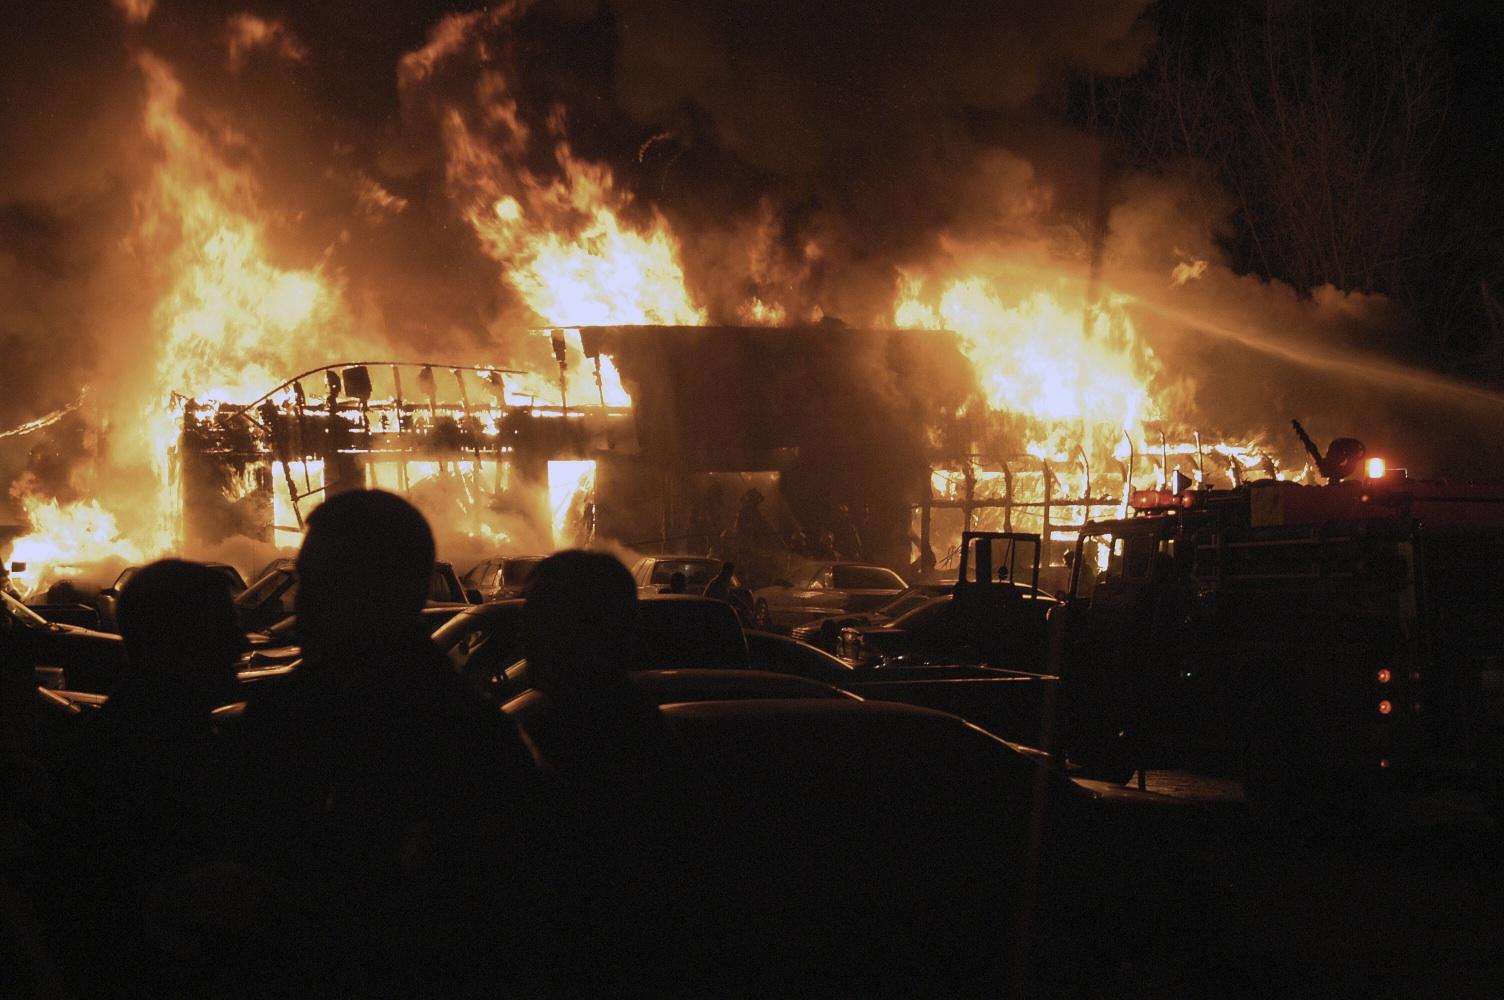 """Iadul """"Colectiv"""" la indigo: Februarie 2003, Rhode Island, SUA, 112 morți"""